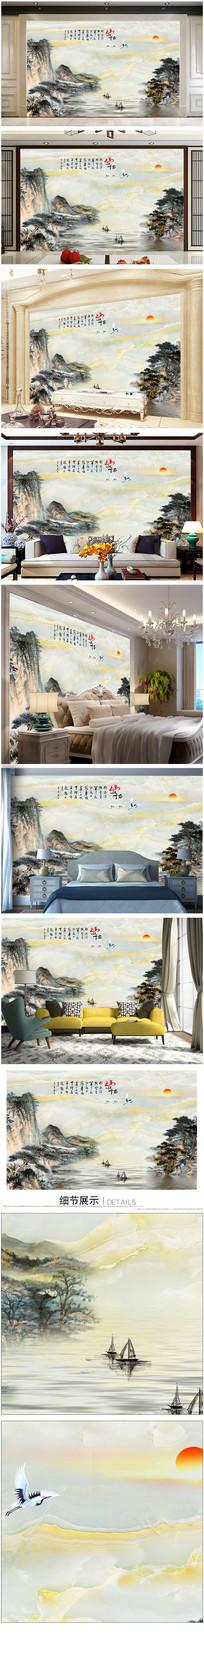 大理石山水背景墙